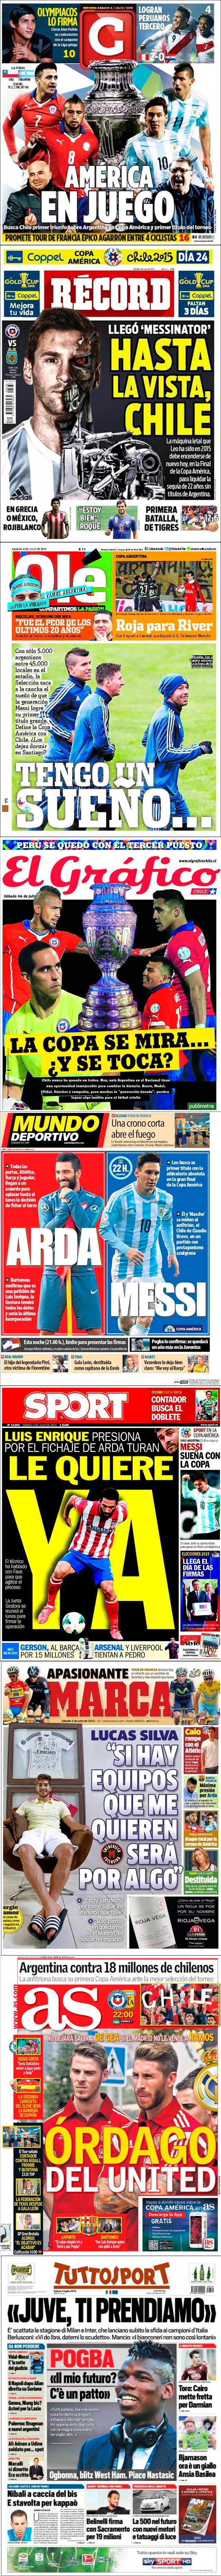 La prensa deportiva más importante del 4 de julio de 2015.